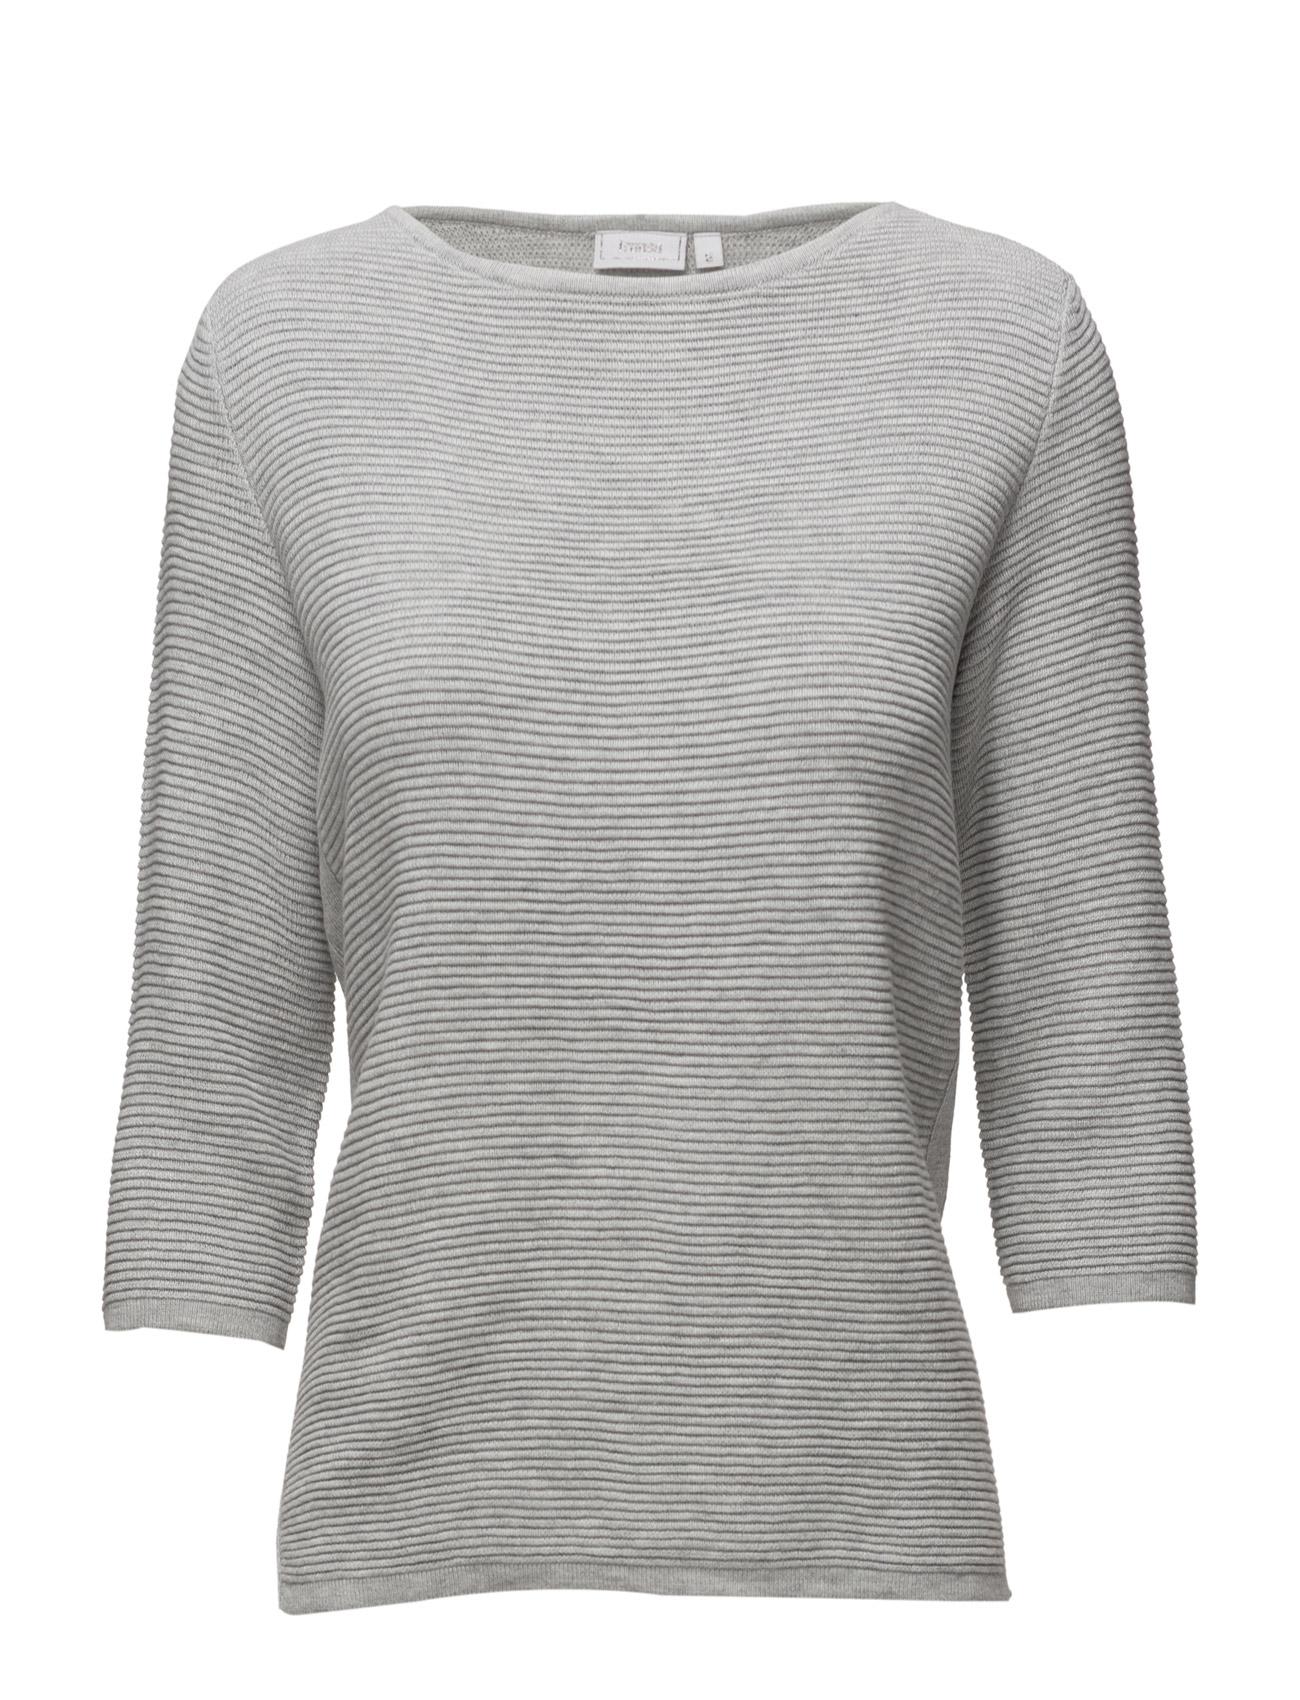 Zucot 1 Pullover Fransa T-shirts & toppe til Kvinder i Light Grey Melange